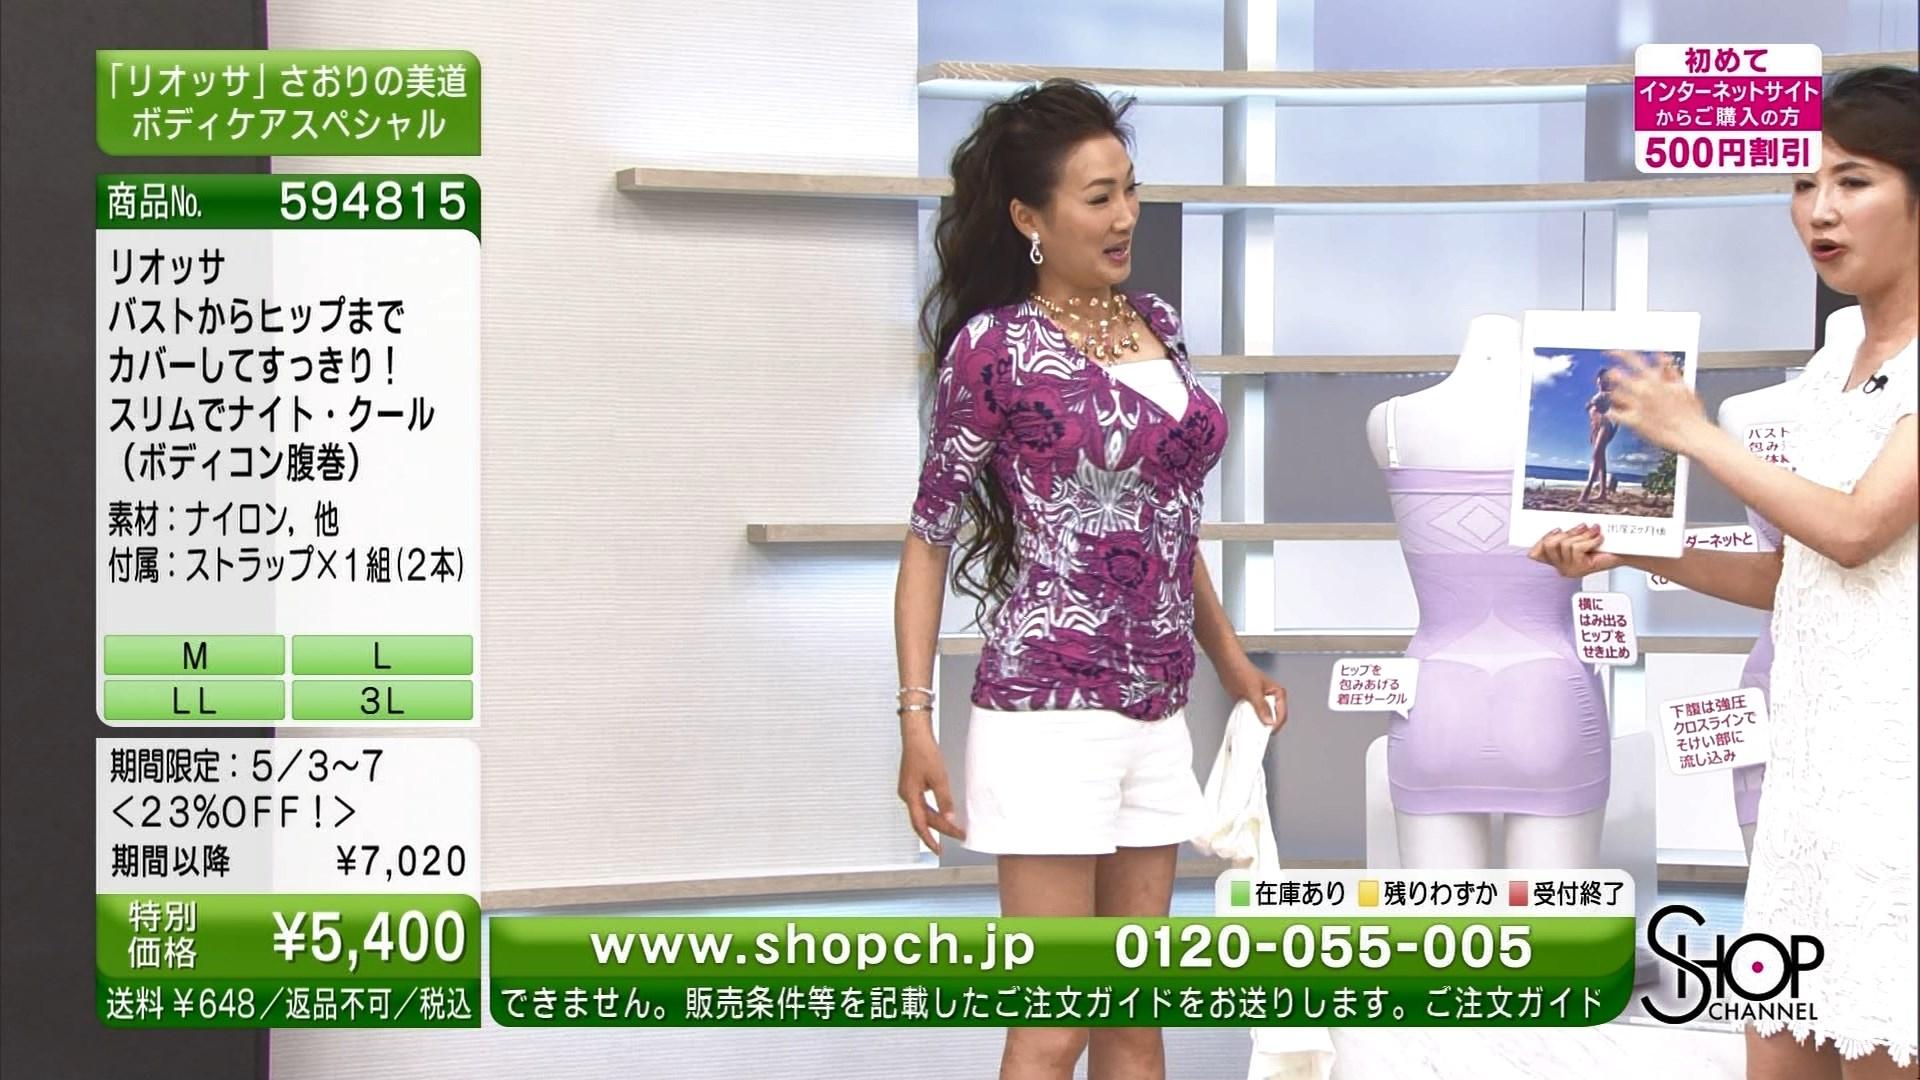 ショップチャンネル・小野砂織さんのスーパー巨乳着衣爆乳!乳房に顔面からダイブしたい!!!